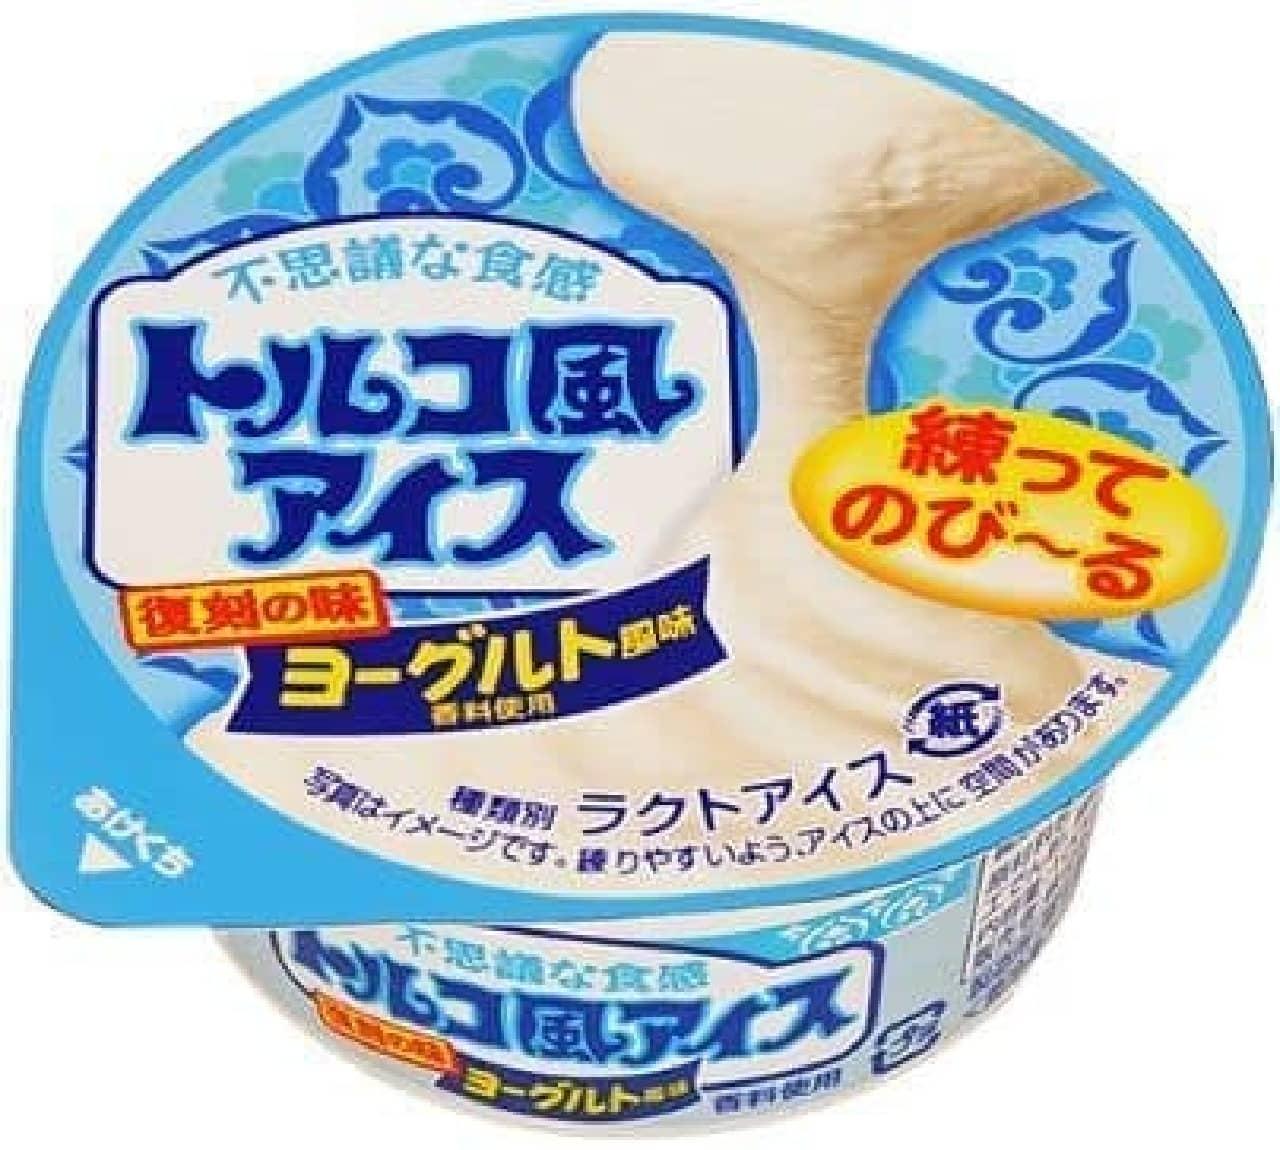 ファミリーマート「ロッテ トルコ風アイス ヨーグルト風味」